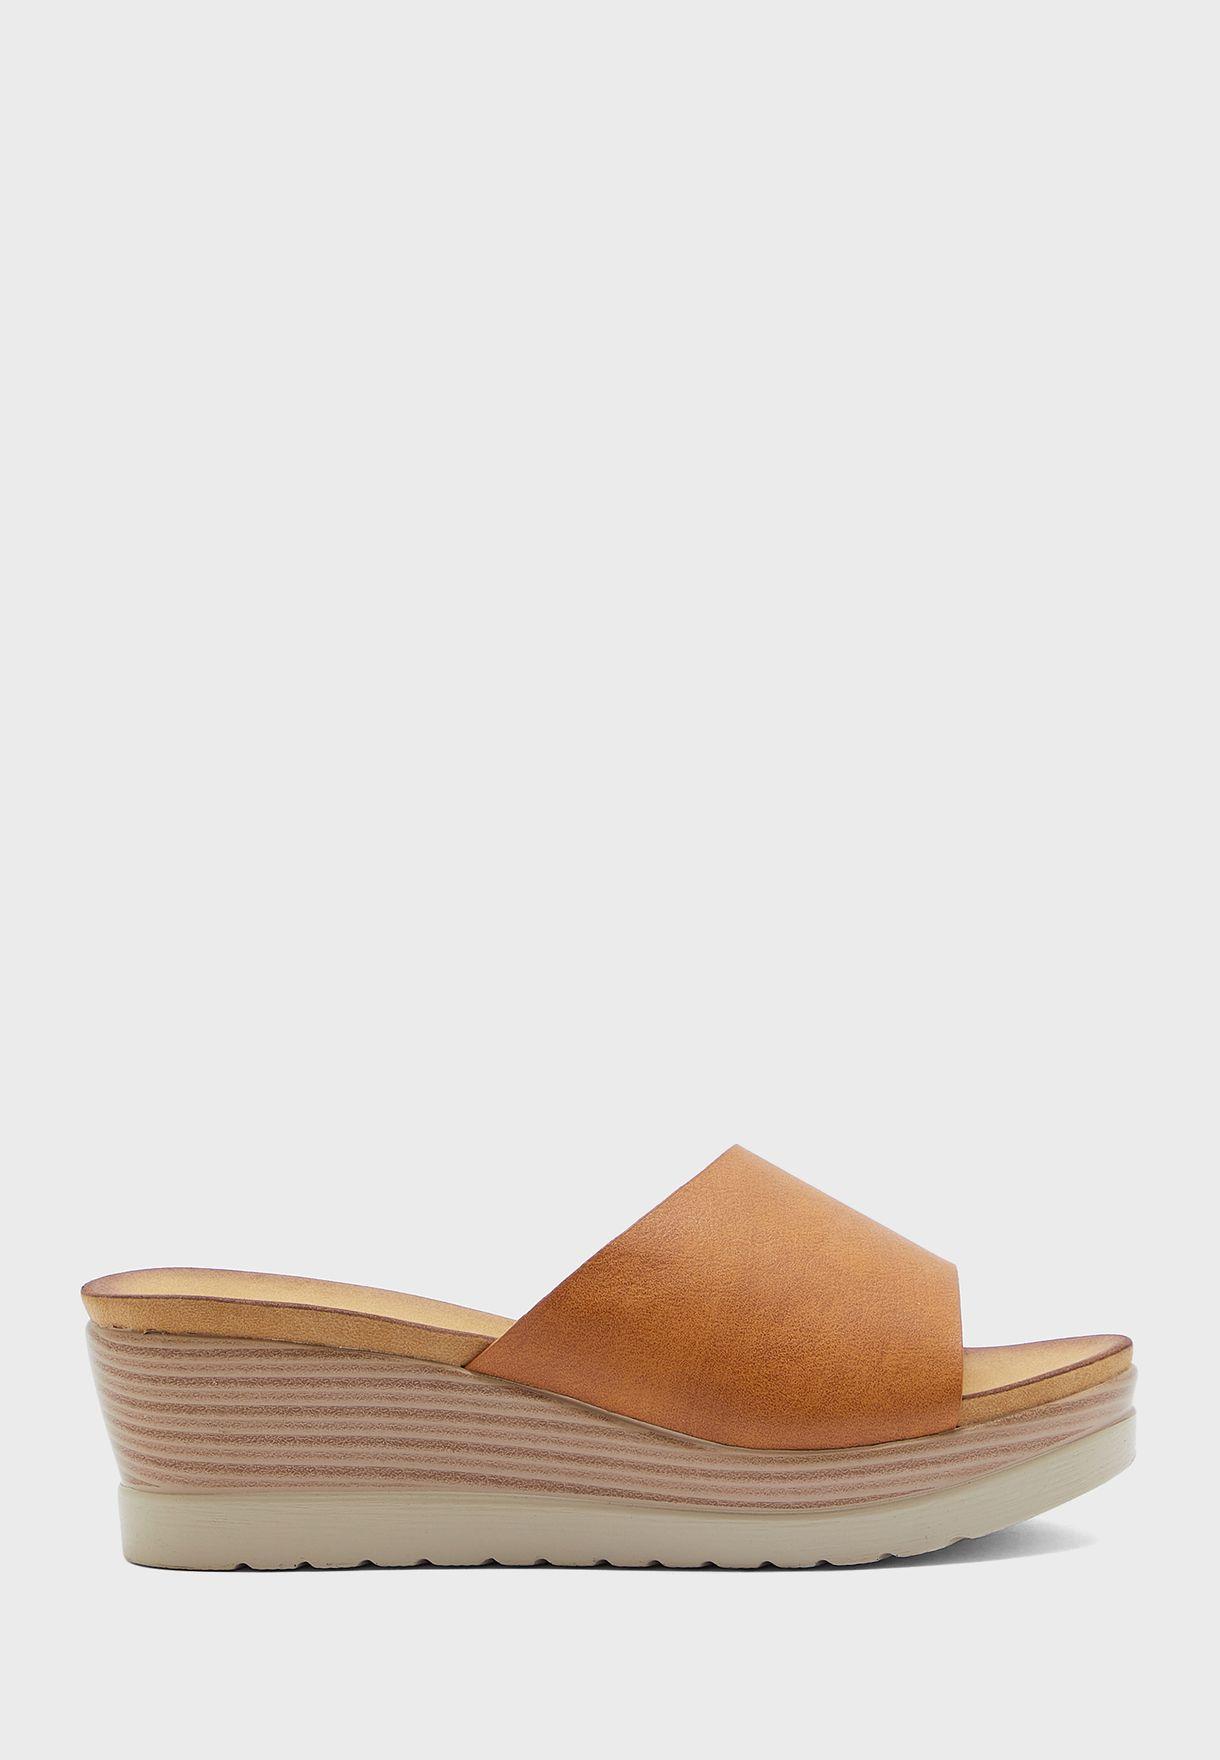 Casual Wedge Low Heel Sandals